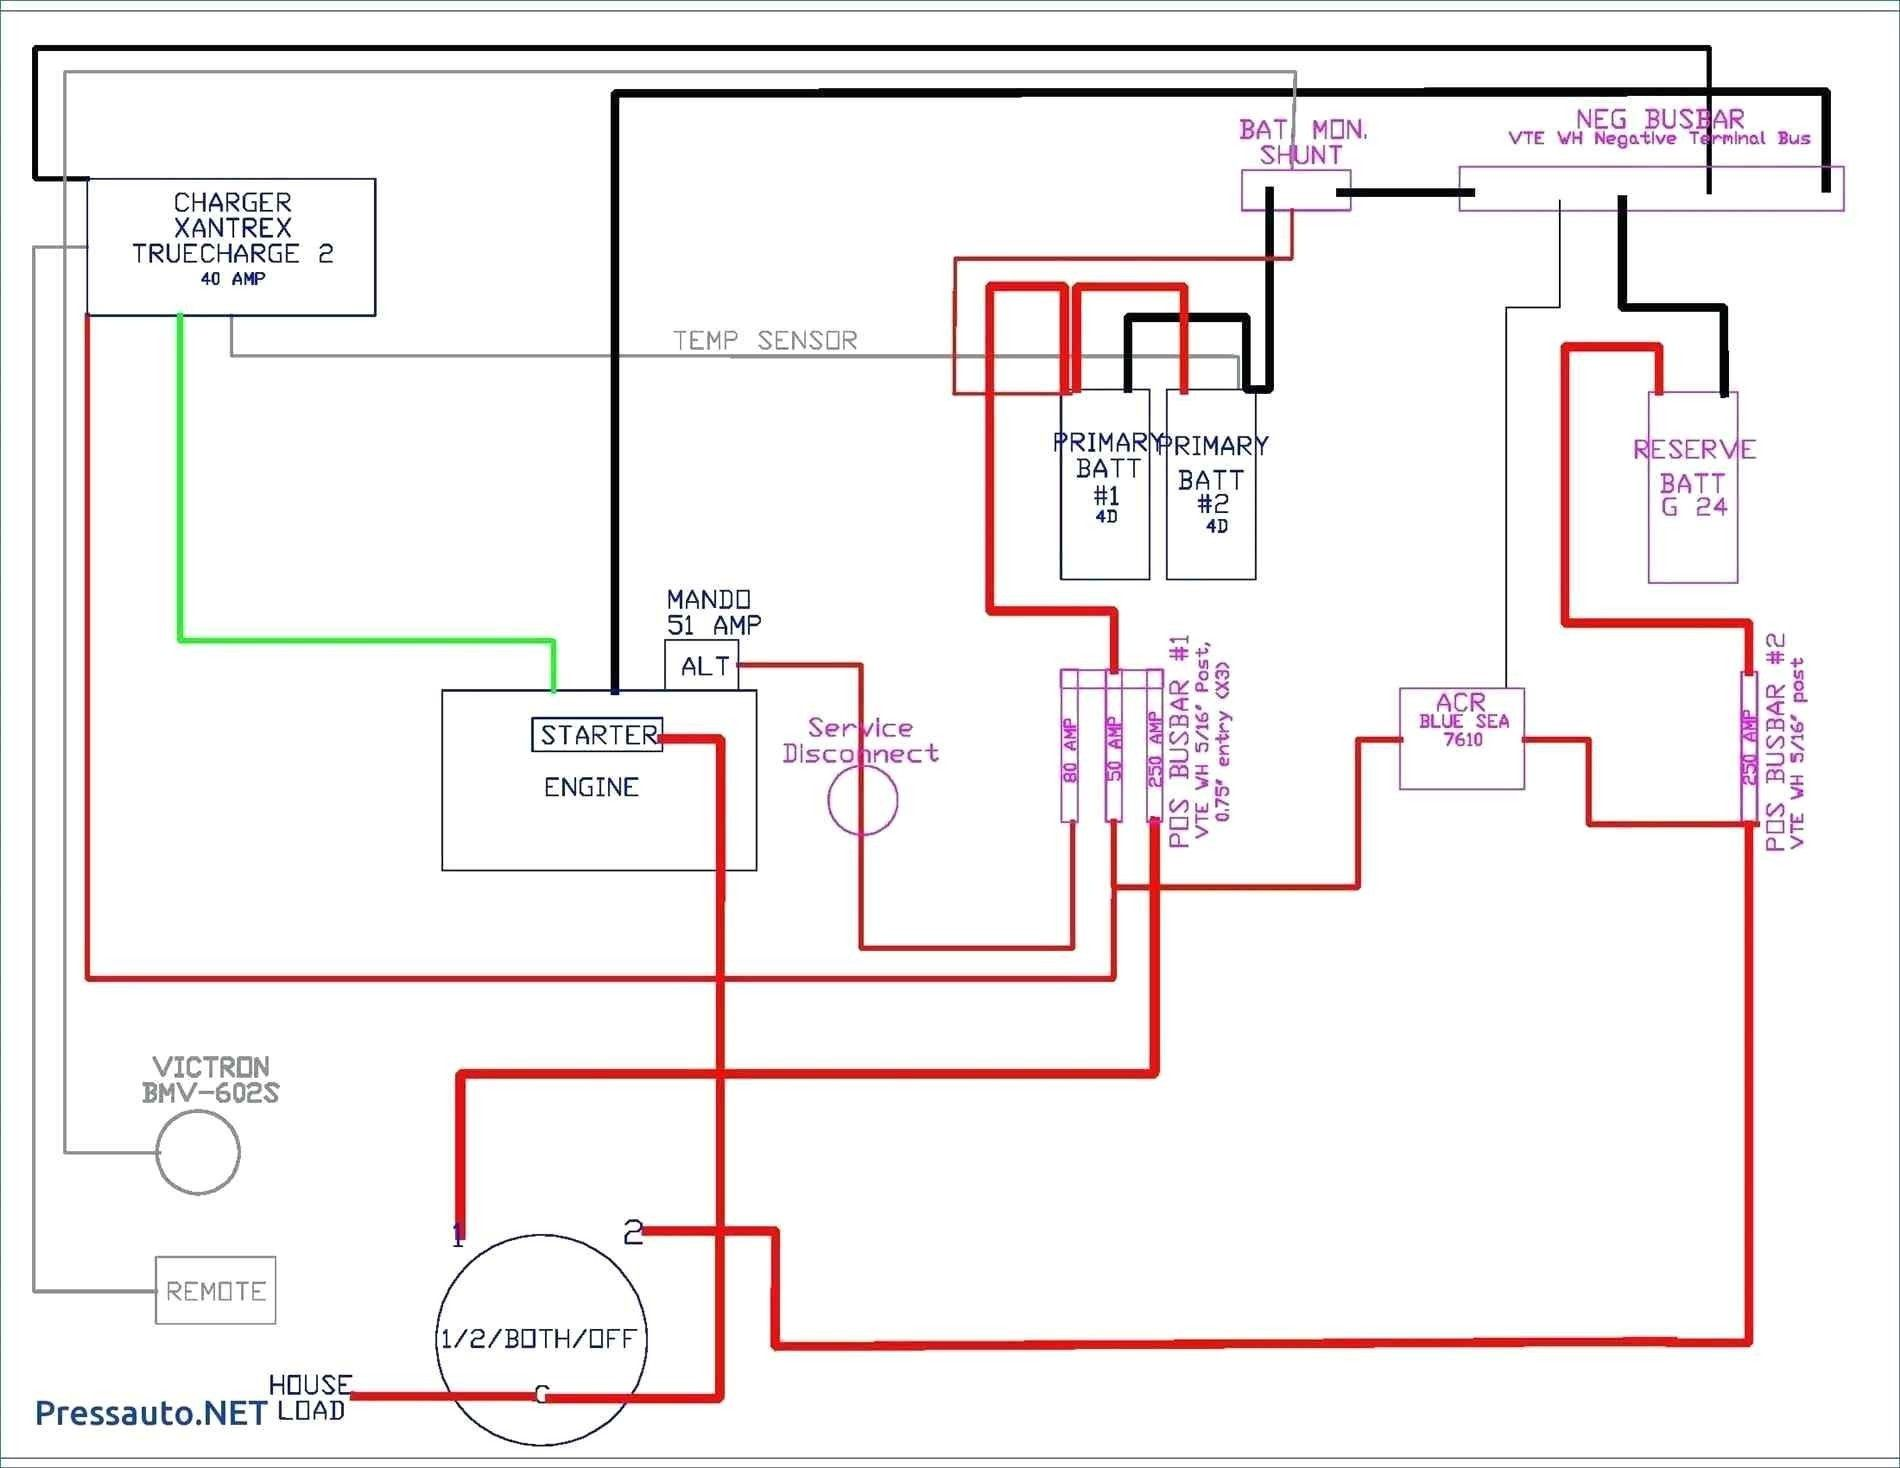 New Electrical Schematics Training Diagram Wiringdiagram Diagramming Diagramm Visu Electrical Circuit Diagram Electrical Diagram Electrical Wiring Diagram